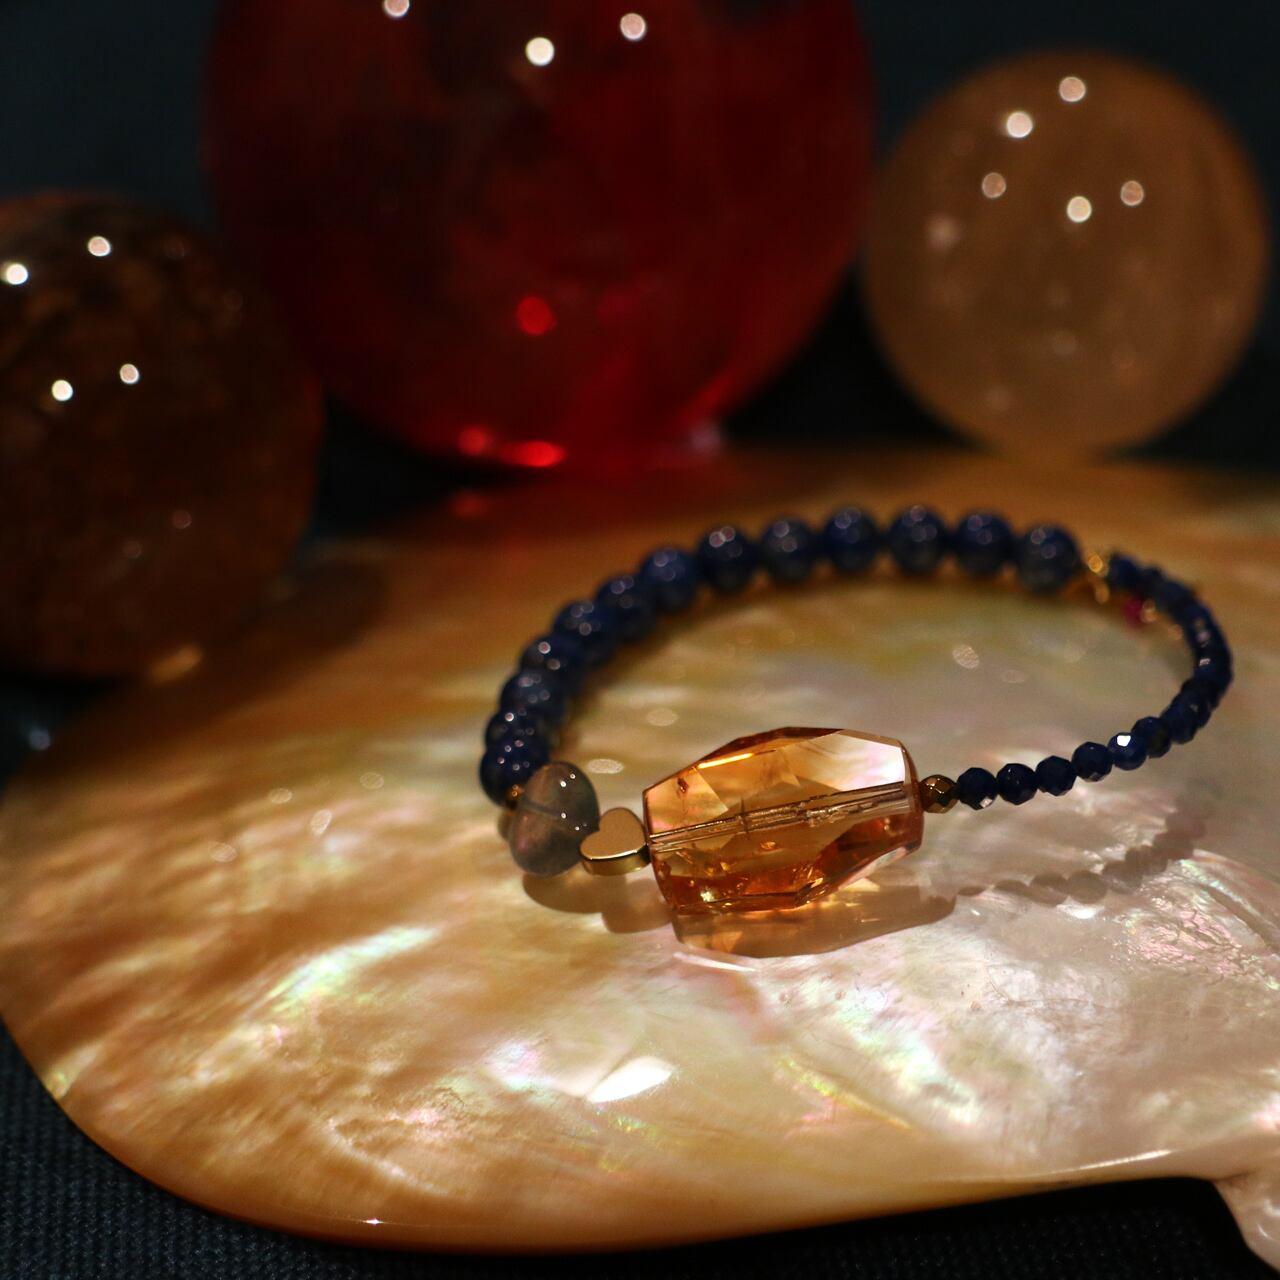 【COSMIC BLUE】ラピスラズリ×天然シトリン ハーフブレスレット【ゴールド】